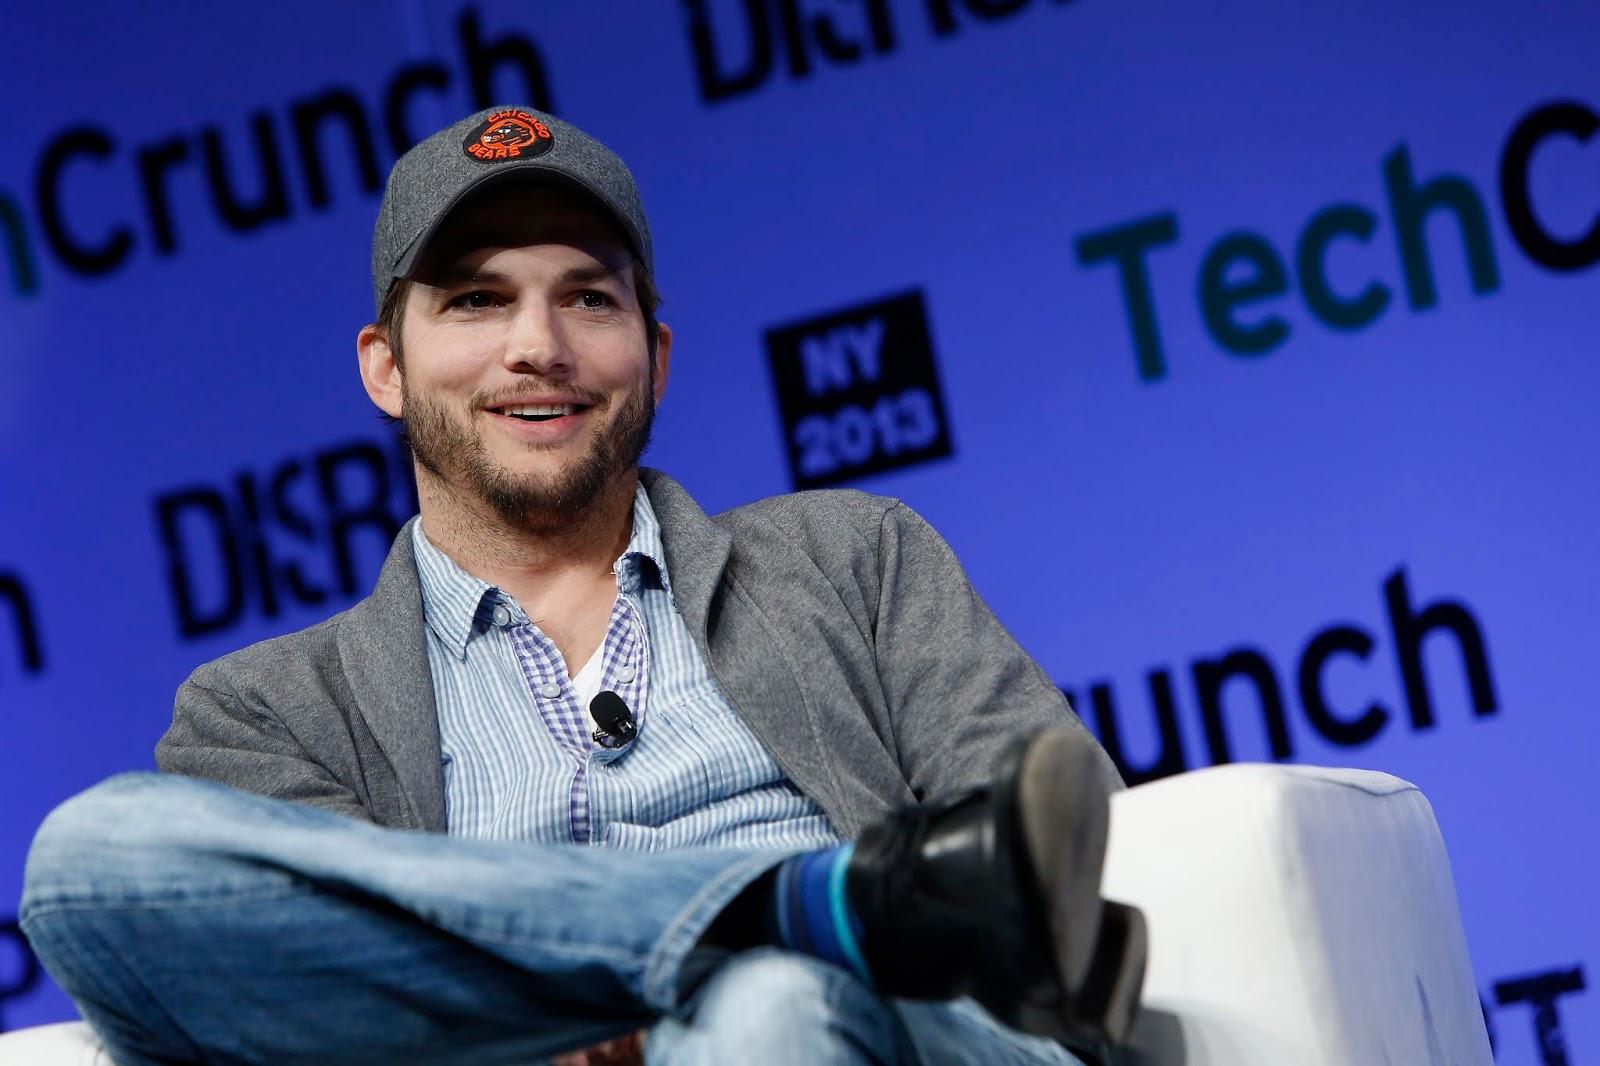 Ashton kutcher as steve jobs interview